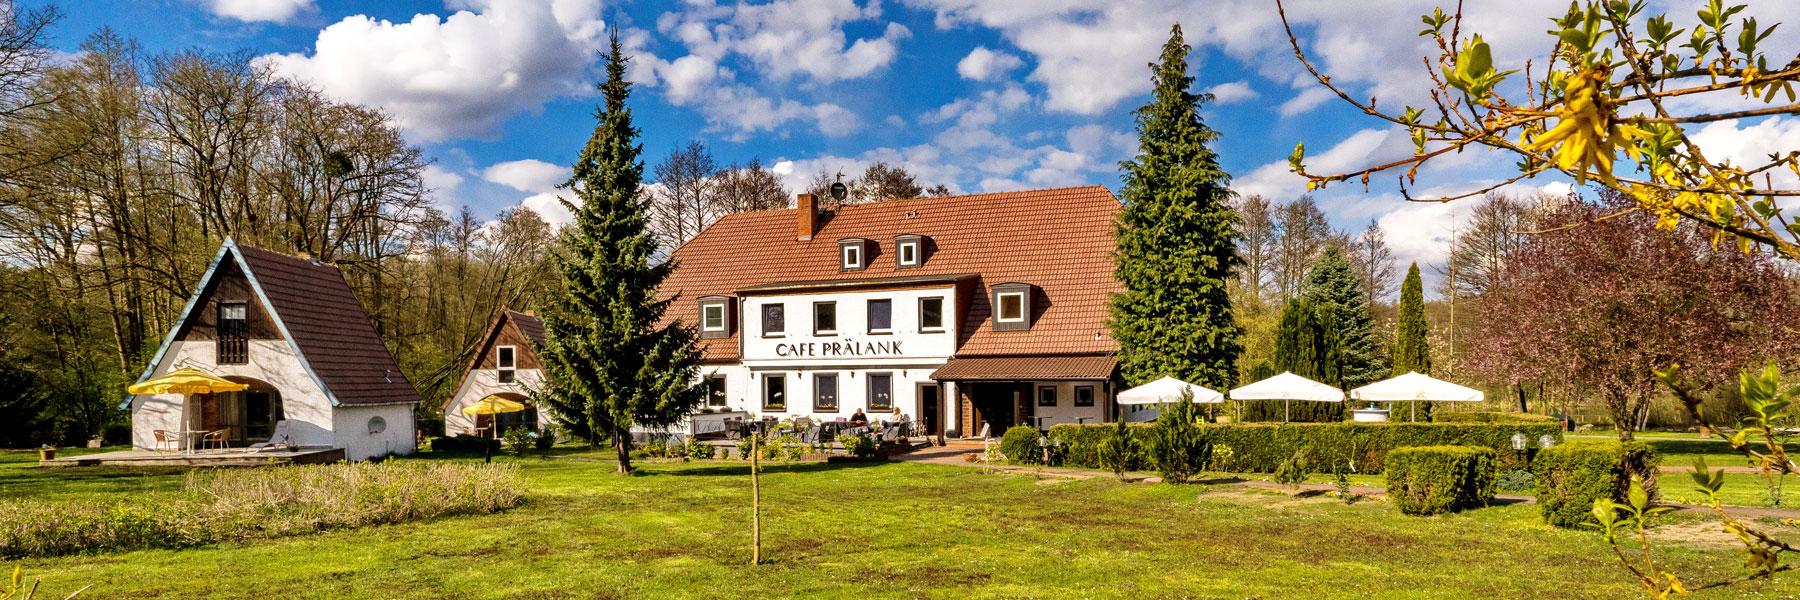 Außenansicht - Landhotel & Restaurant Prälank